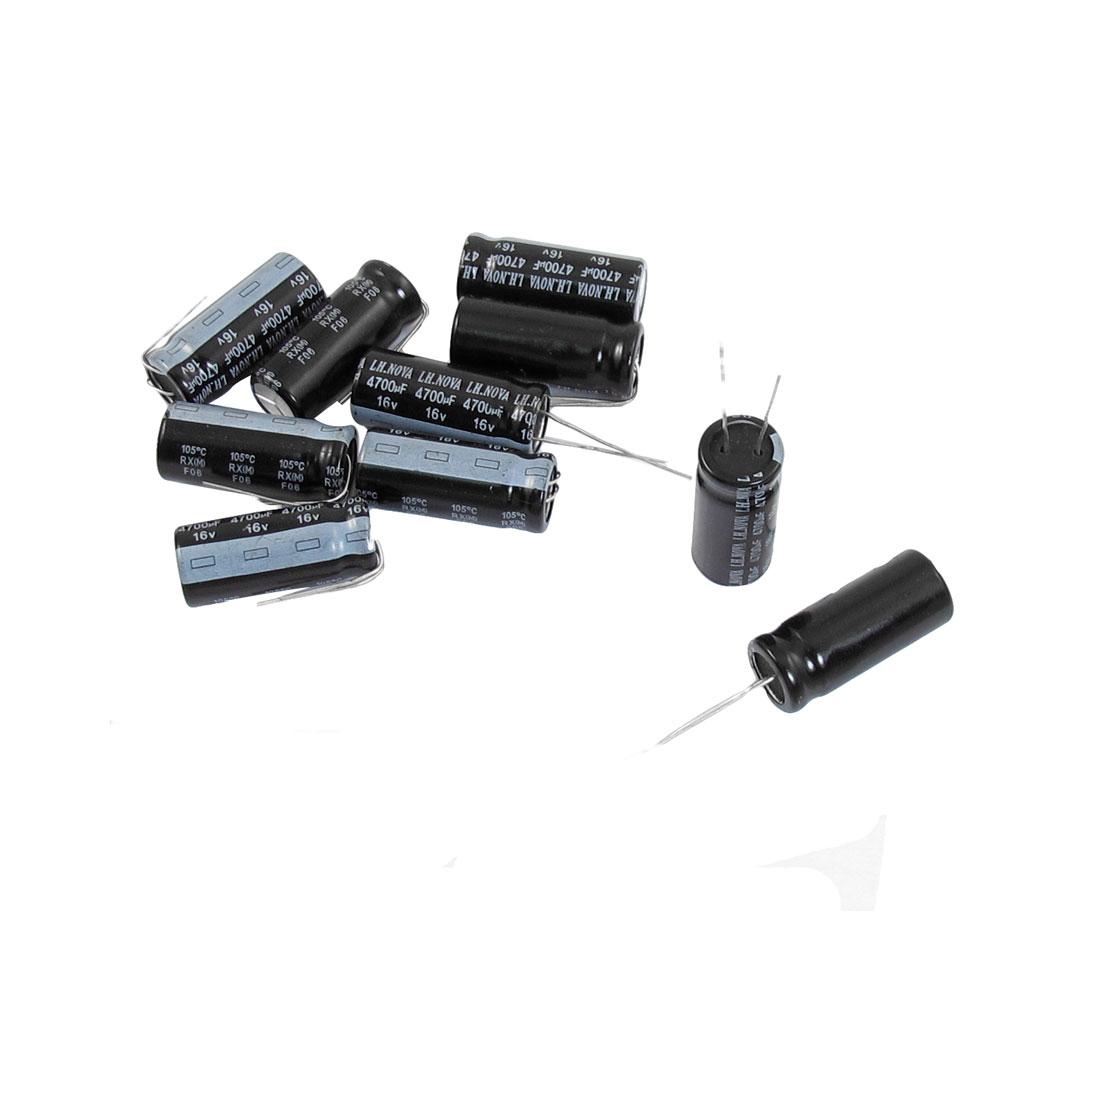 10 Pcs 4700uF 16V 13mm x 30mm Aluminum Electrolytic Capacitors